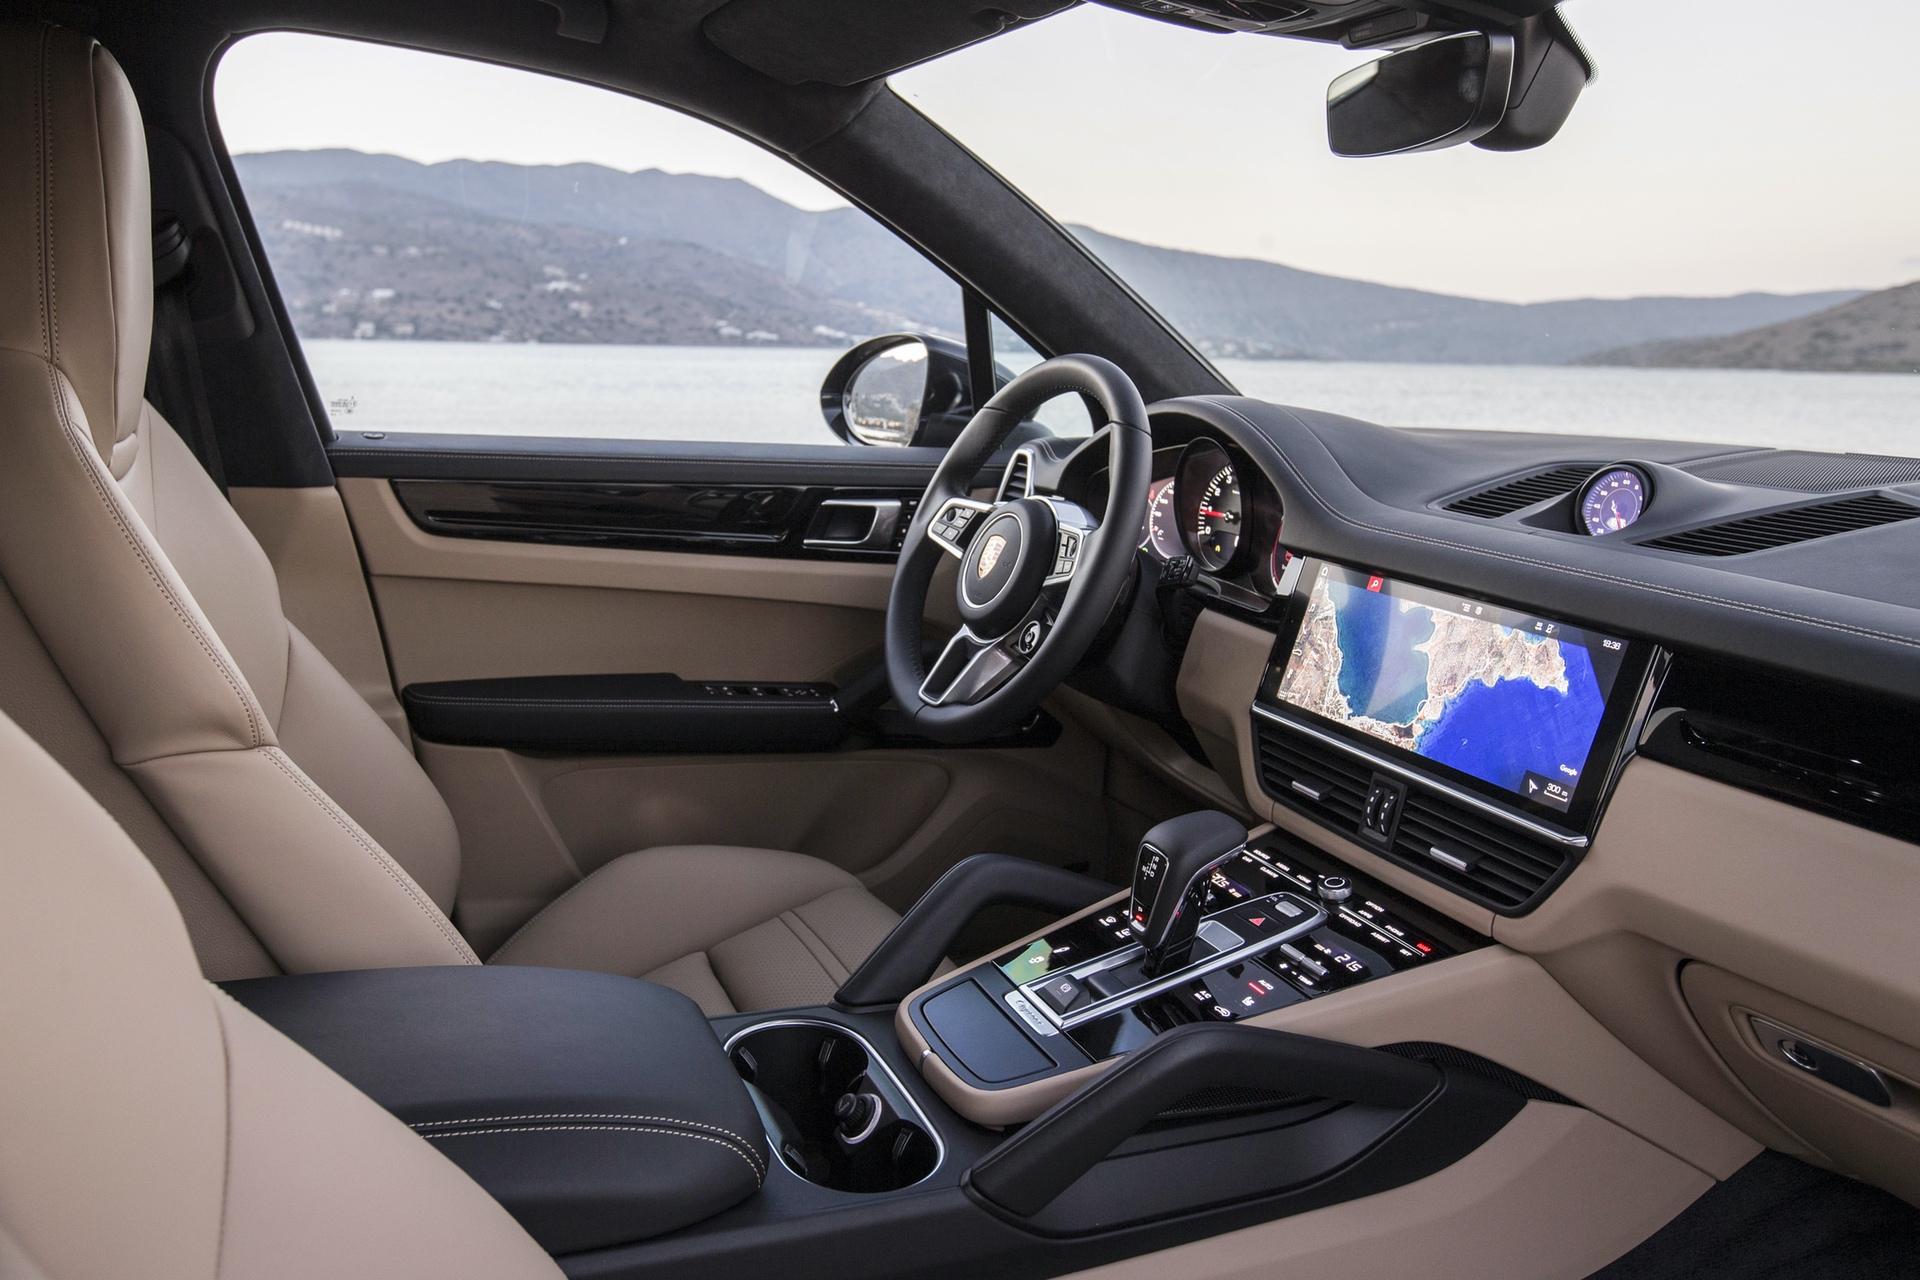 Test_Drive_Porsche_Cayenne_312